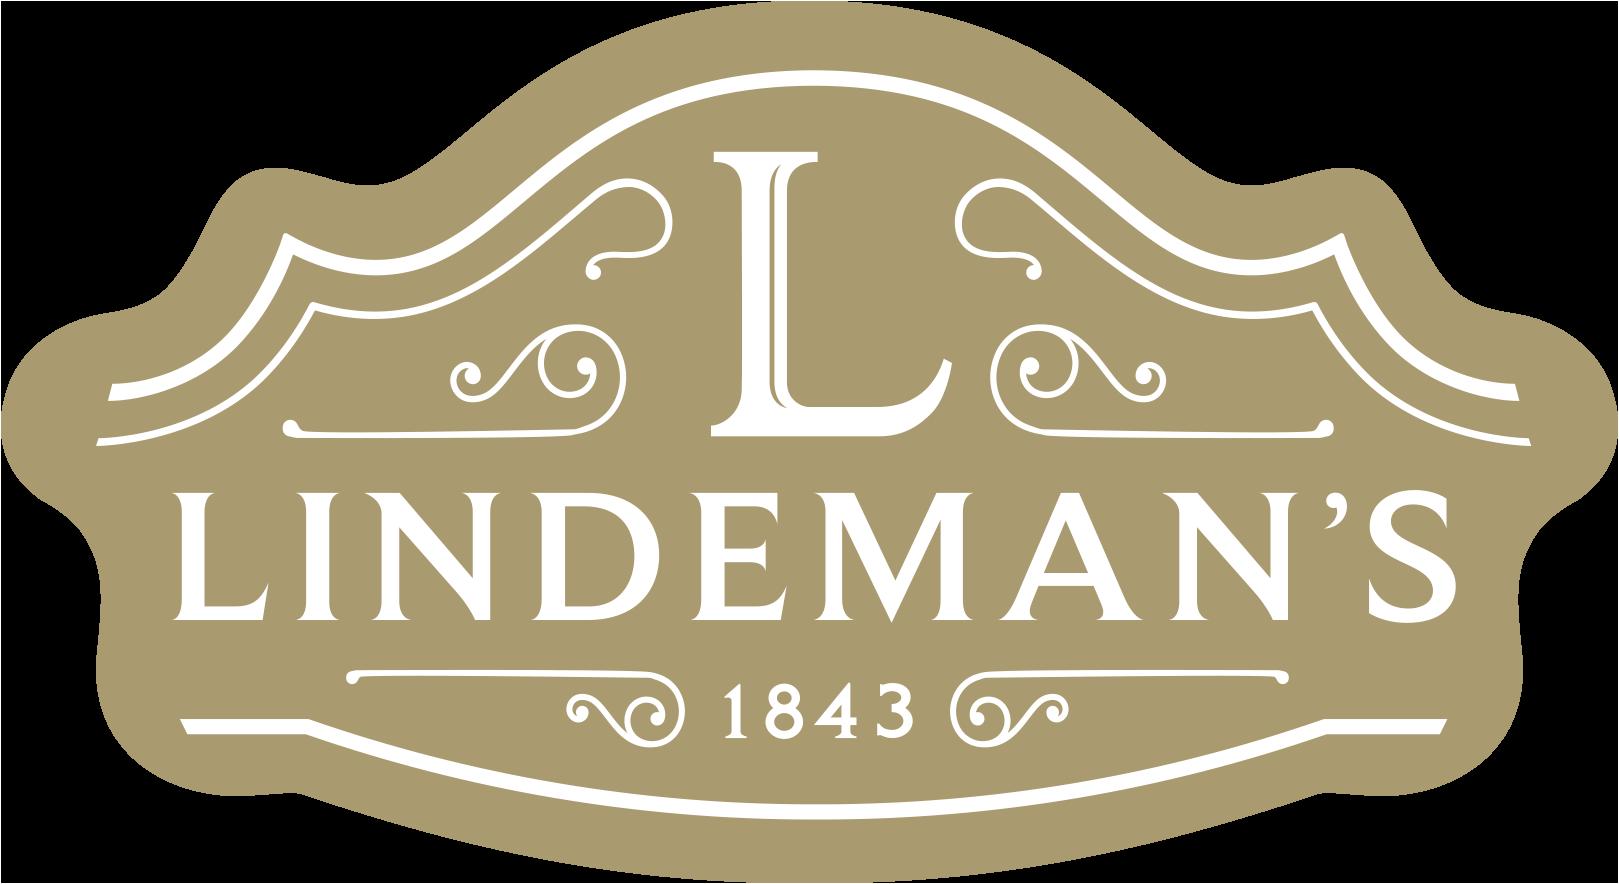 Lindeman's